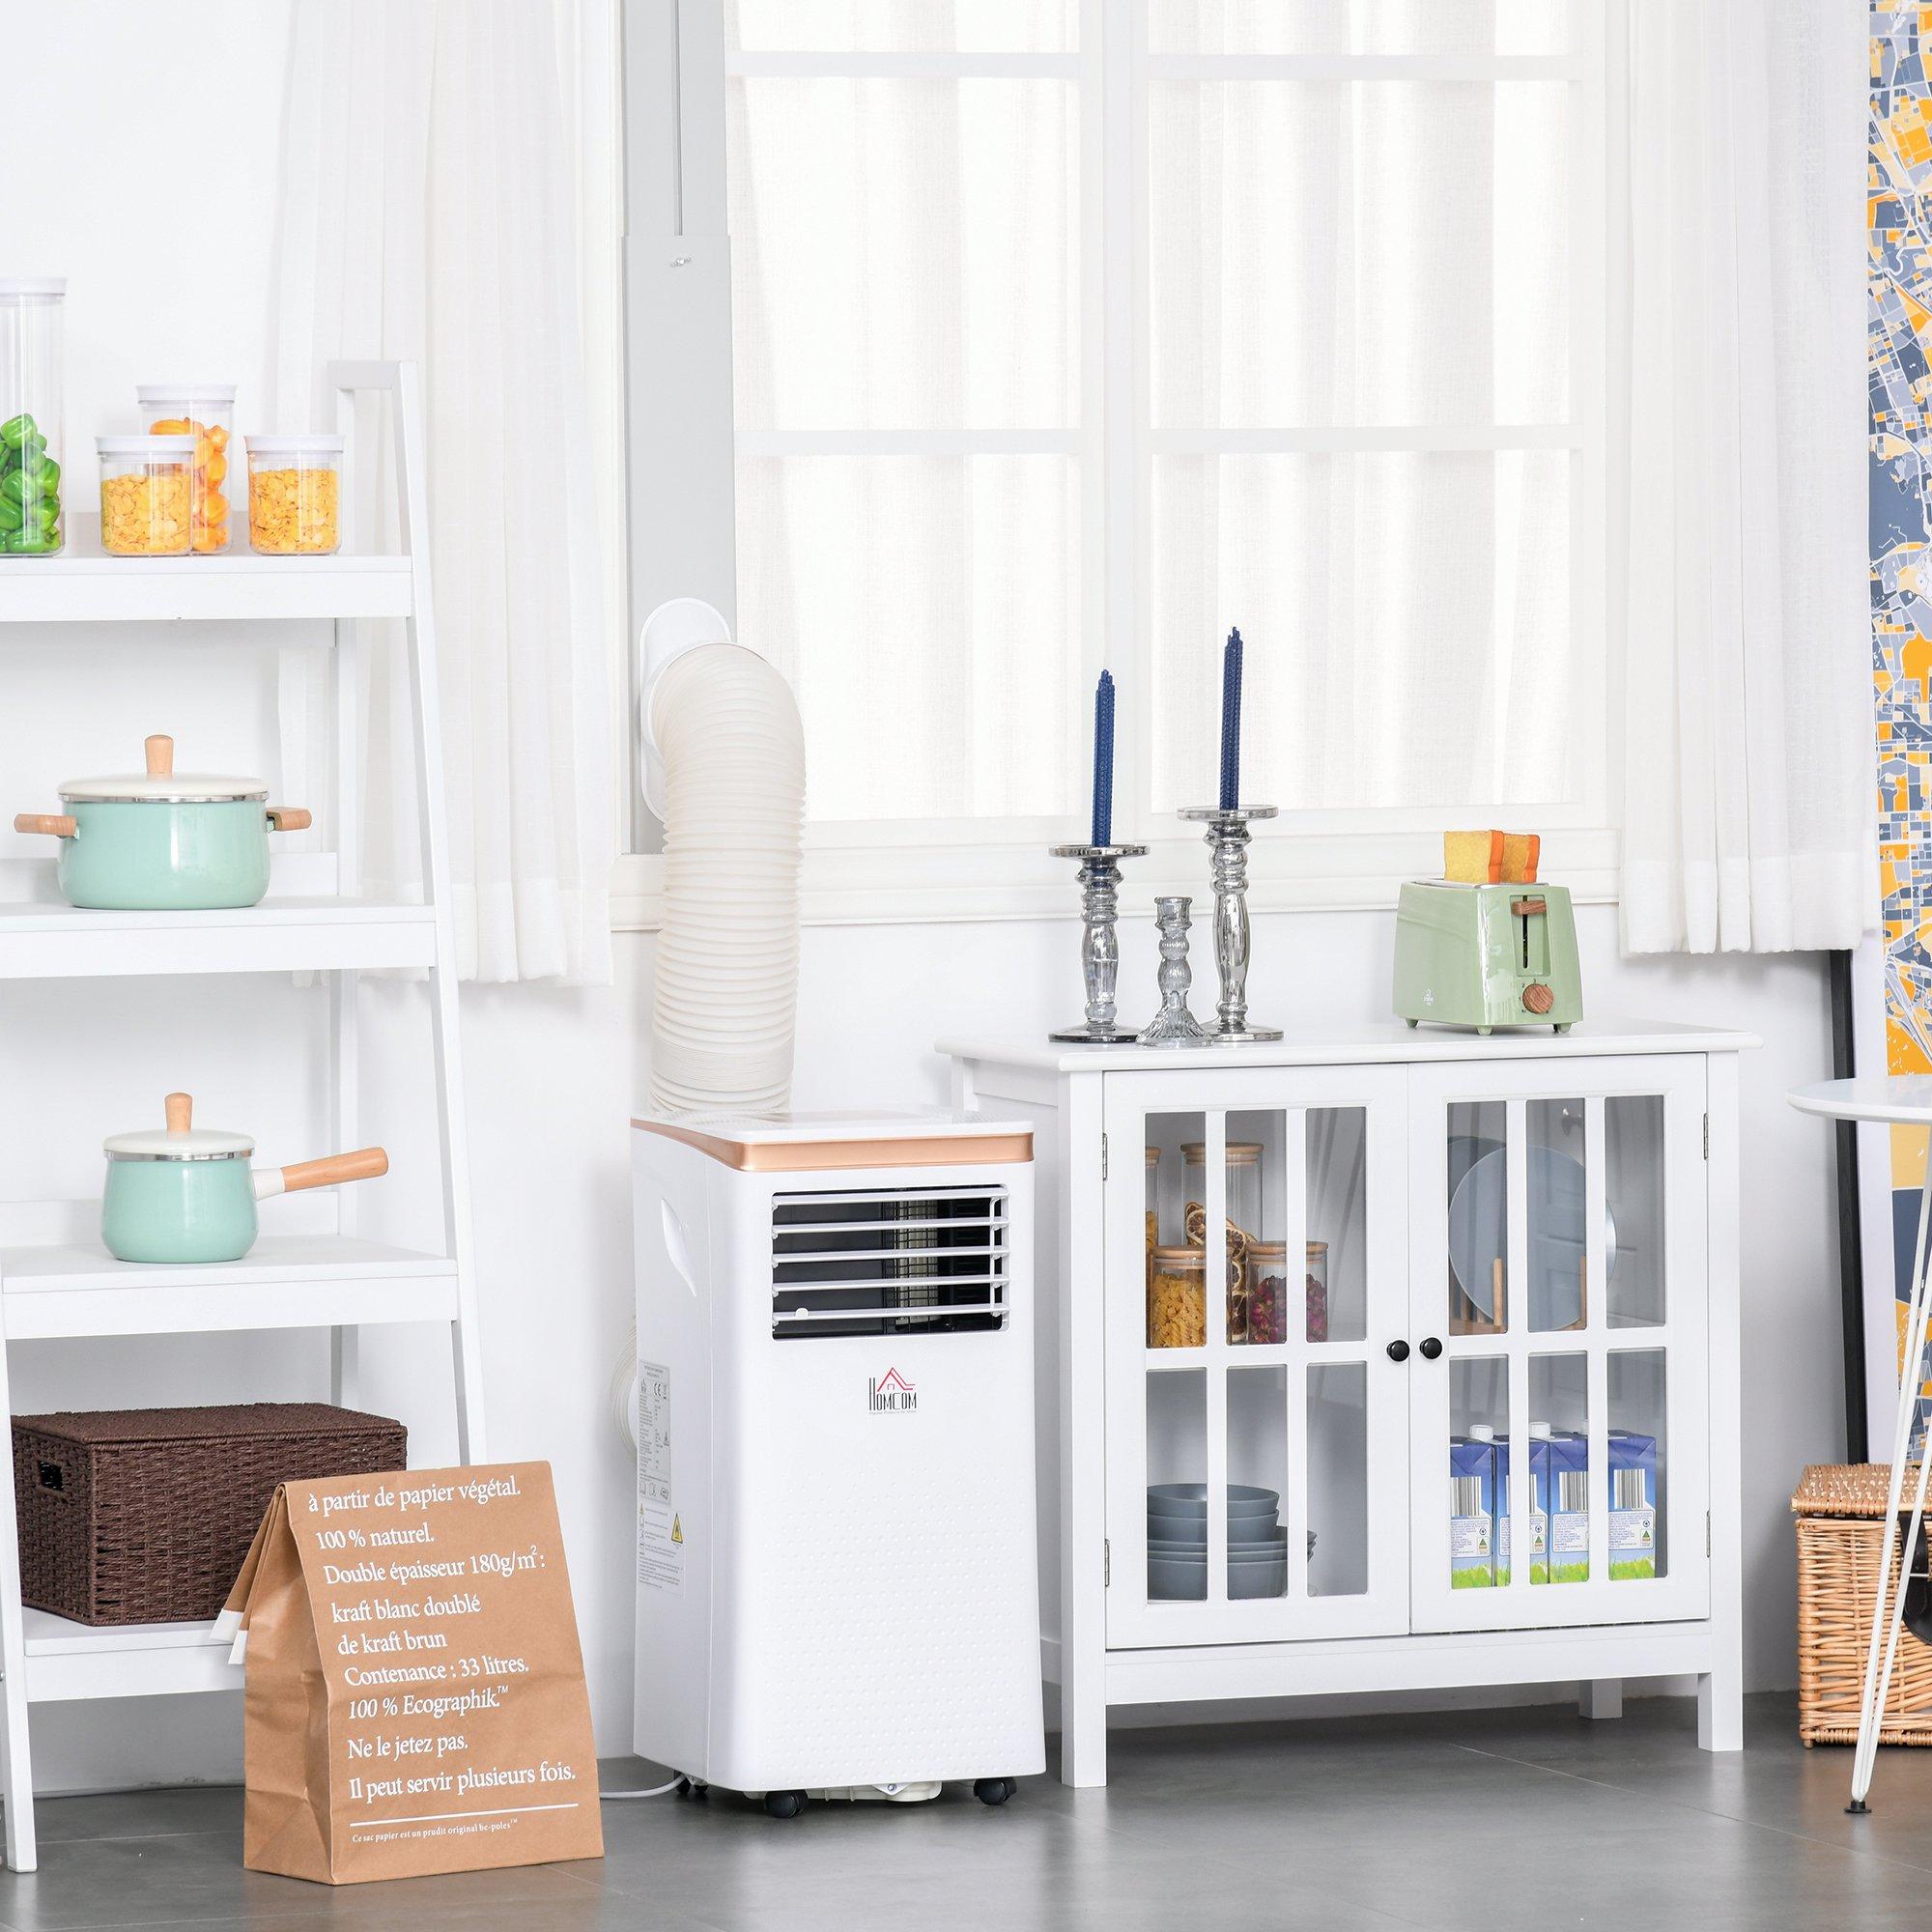 HOMCOM 7000BTU Portable Air Conditioner 4--1 Modes LED Display 24 Timer Home Office